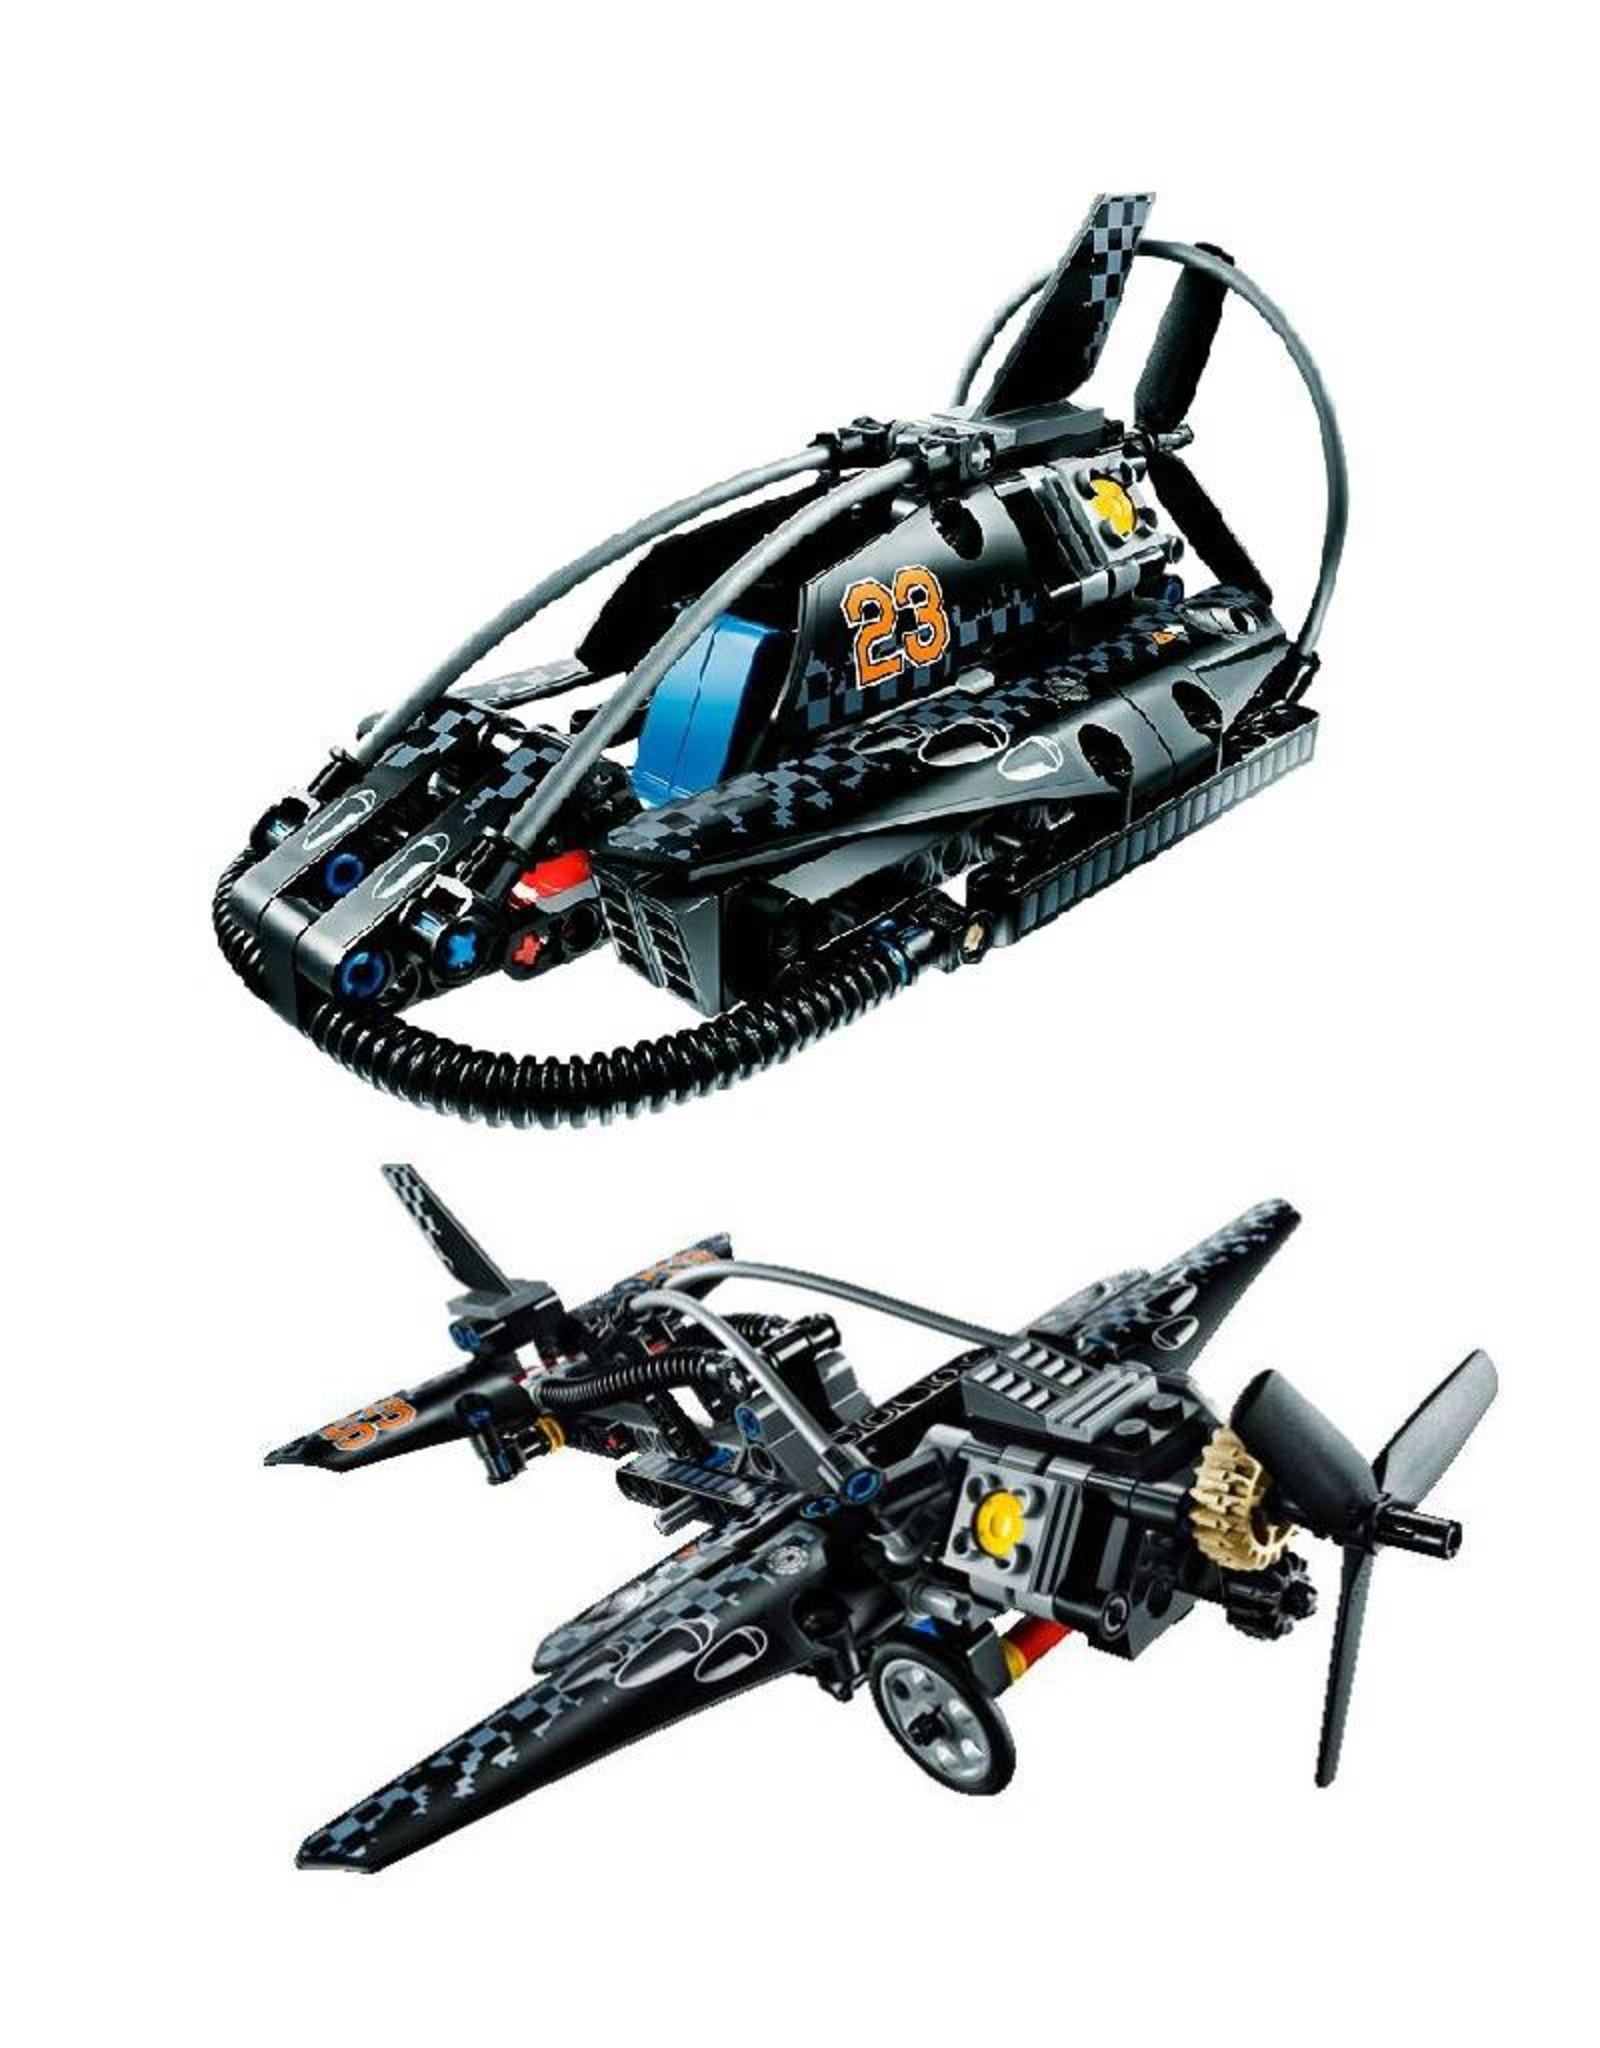 LEGO LEGO 42002 Hovercraft TECHNIC